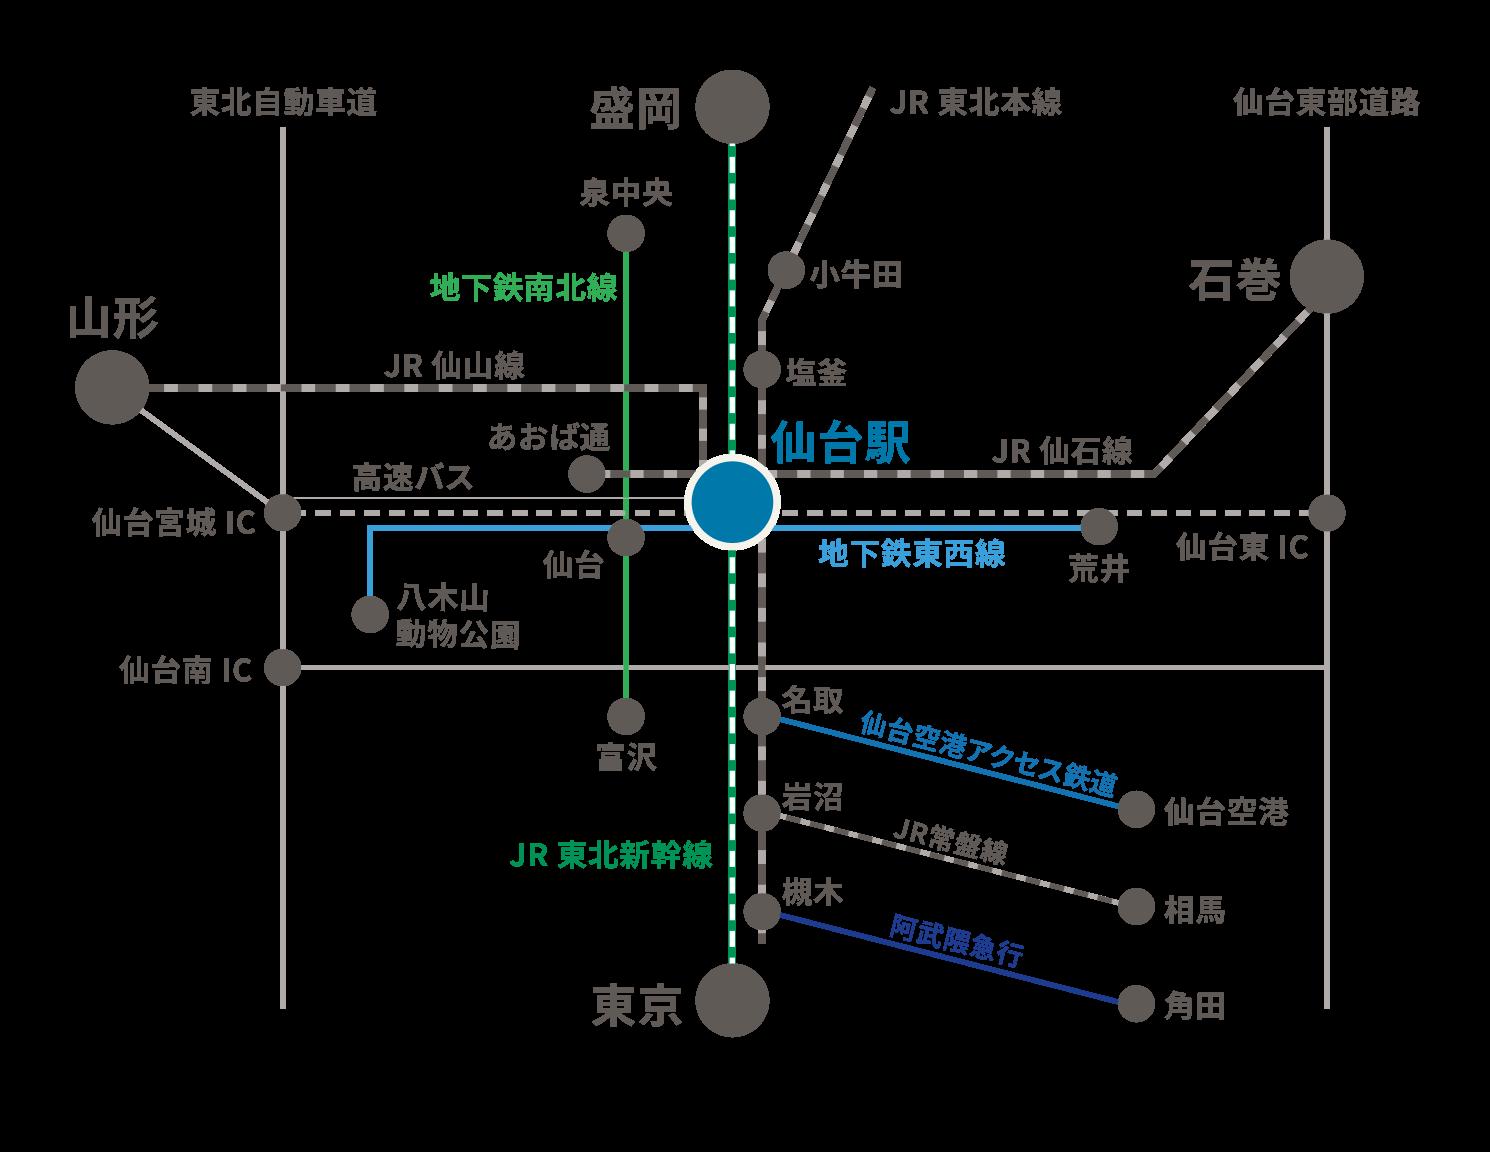 仙台 メトロマップ